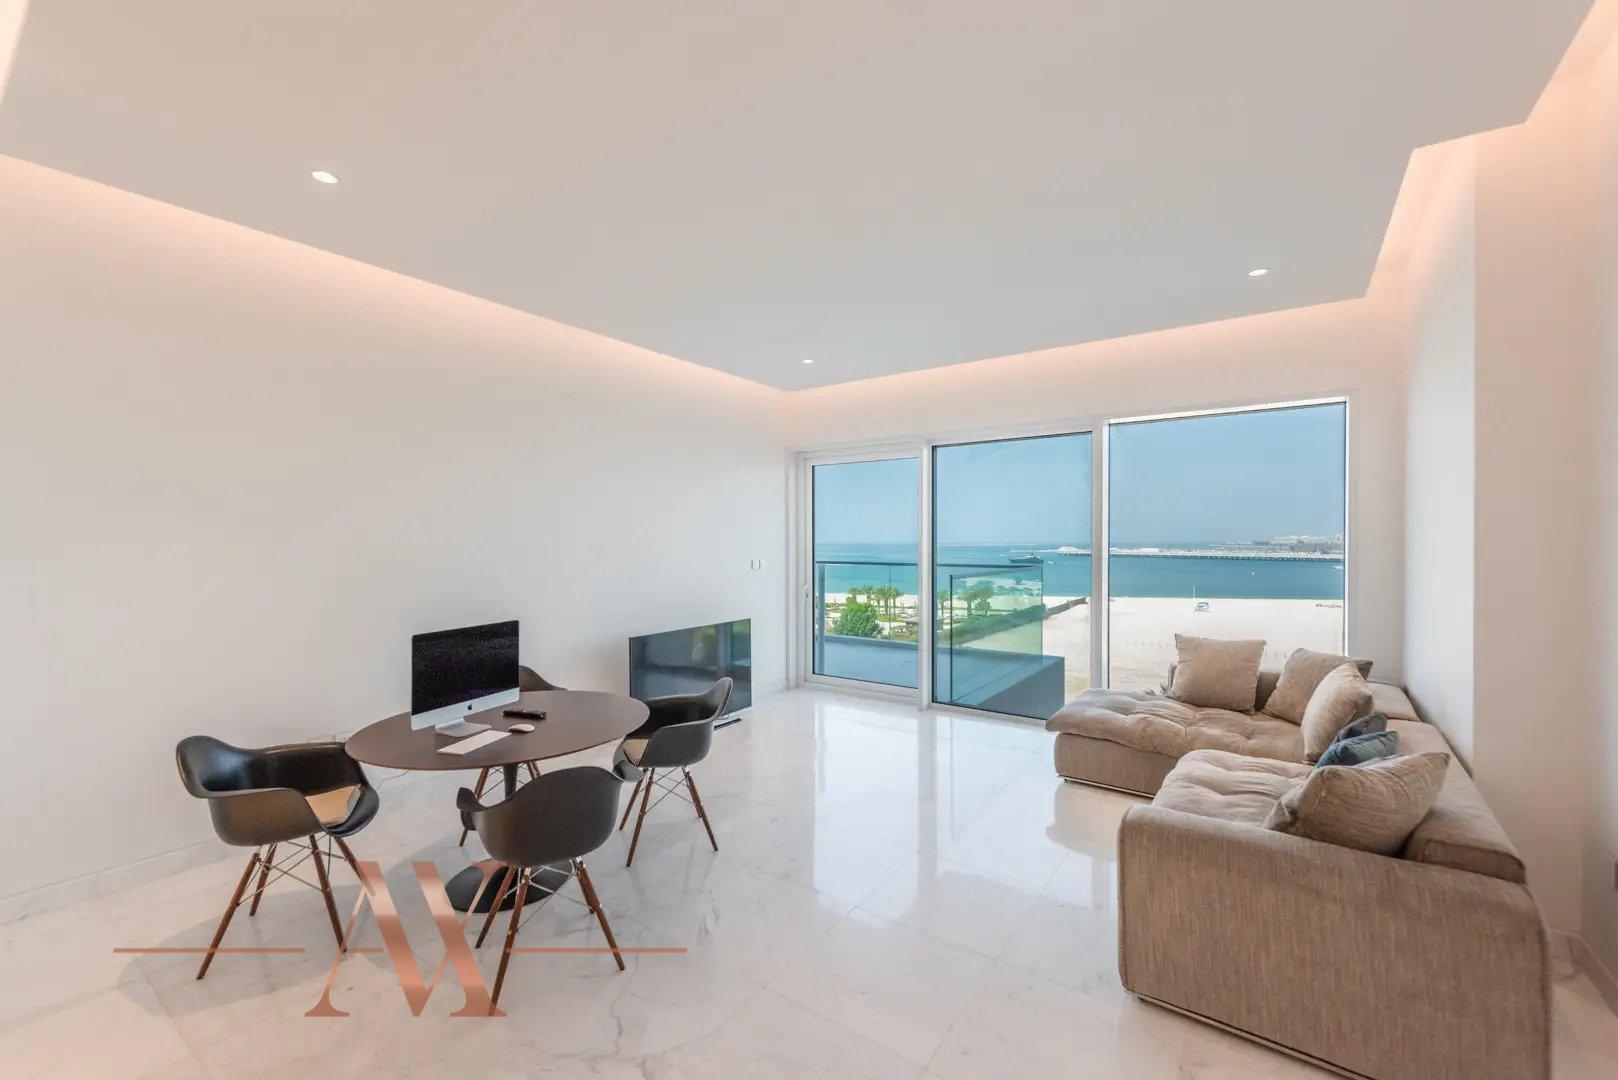 Apartamento en venta en Dubai, EAU, 2 dormitorios, 154 m2, № 24219 – foto 1